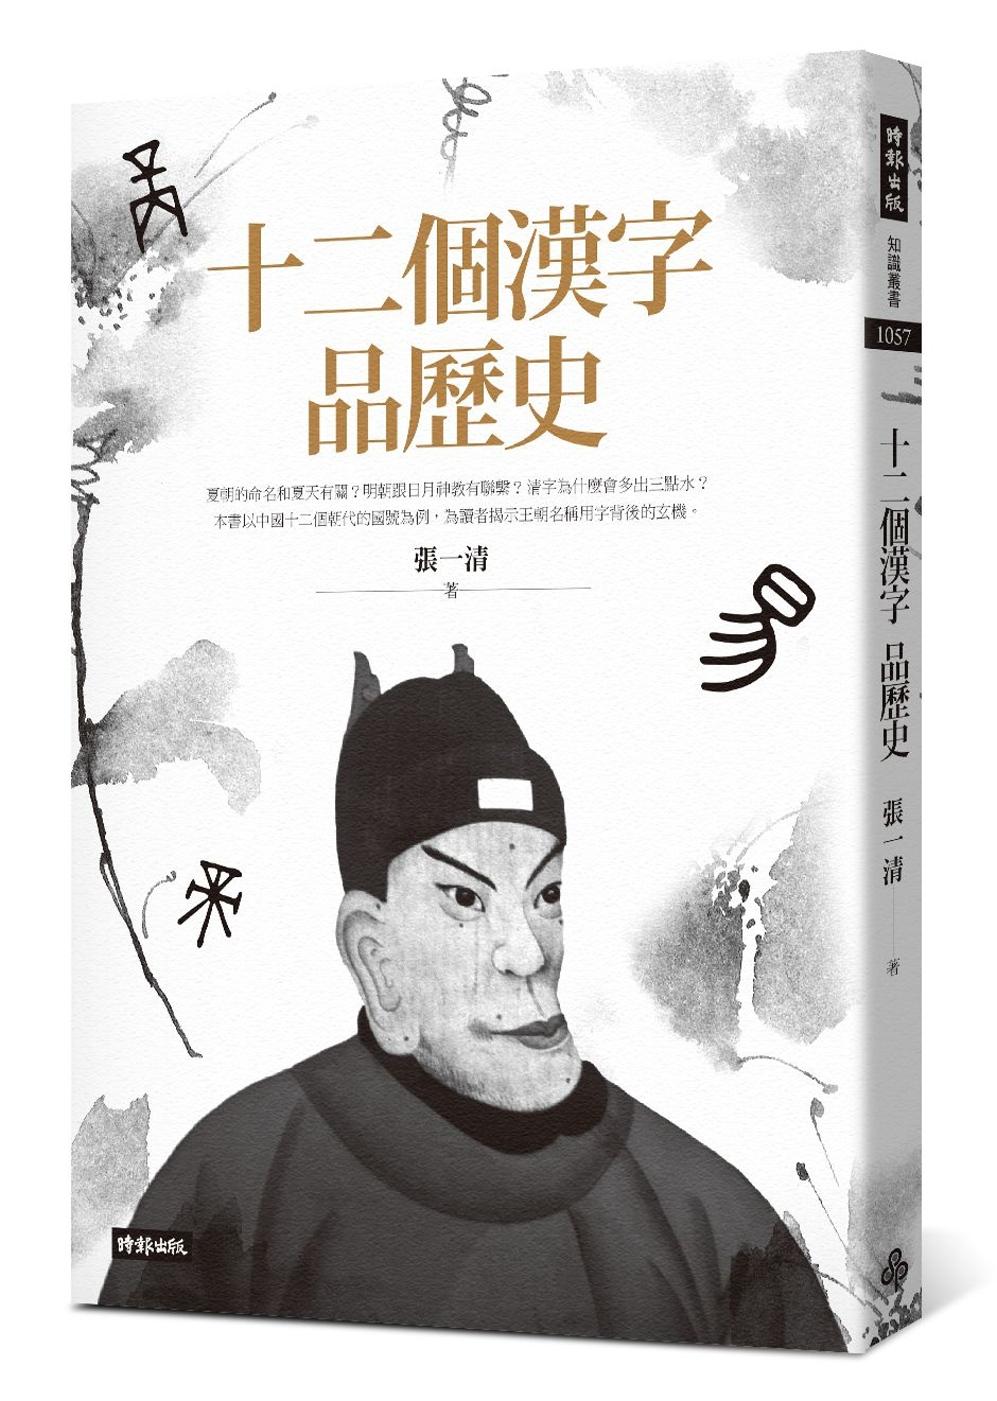 《十二個漢字品歷史》 商品條碼,ISBN:9789571372785